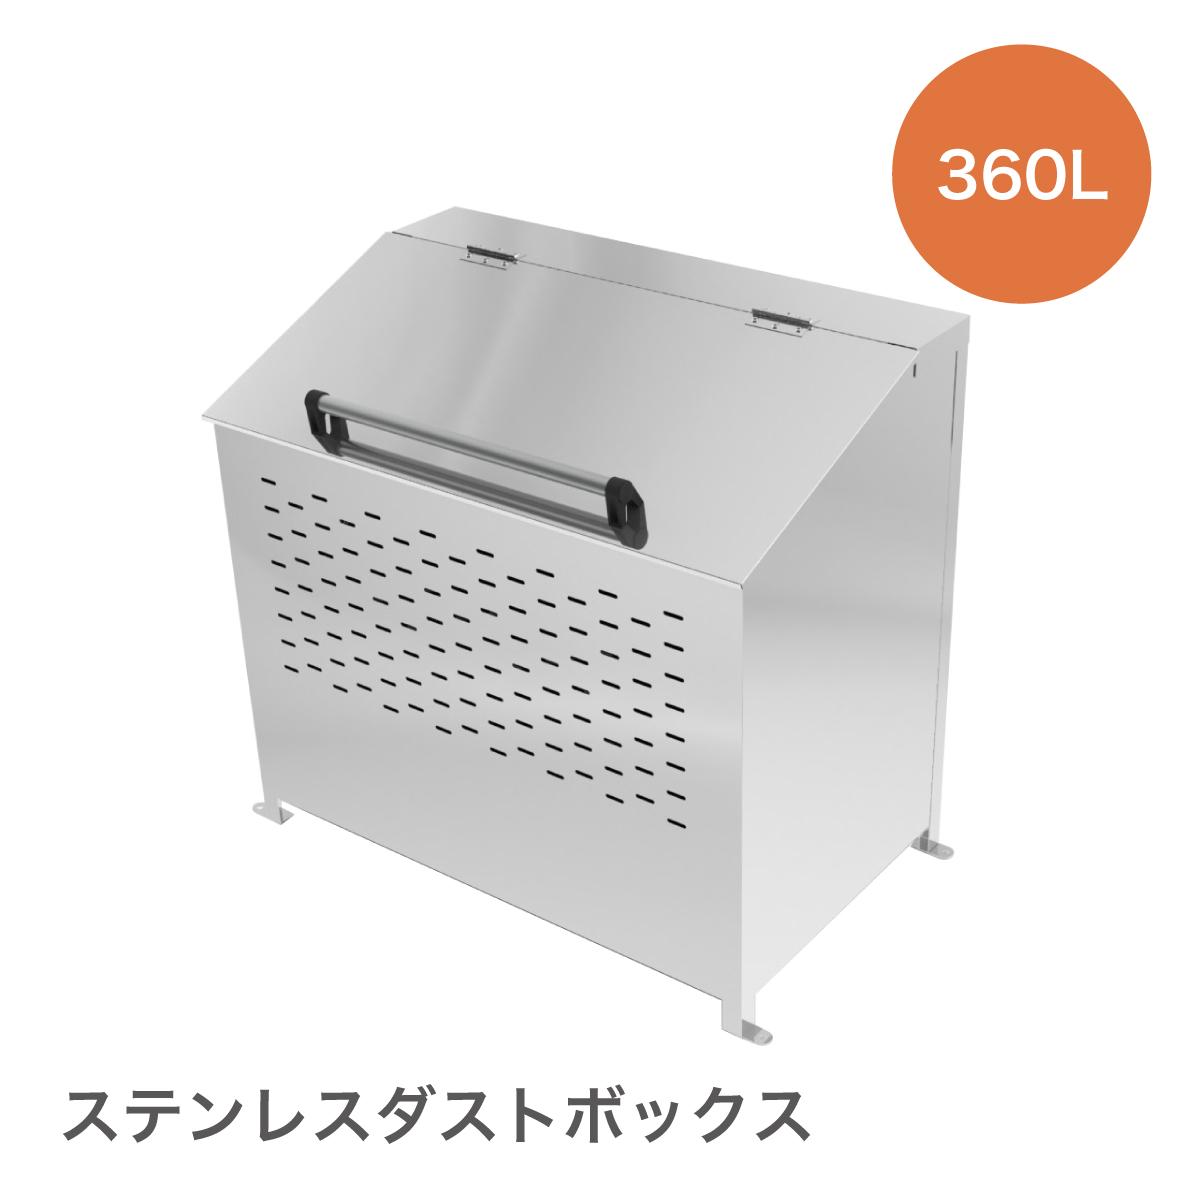 超歓迎された ステンレス ショップ ダストボックス ごみ箱 屋外 mm ステンレスダストボックス360L約900×540×855 パンチング 通気性